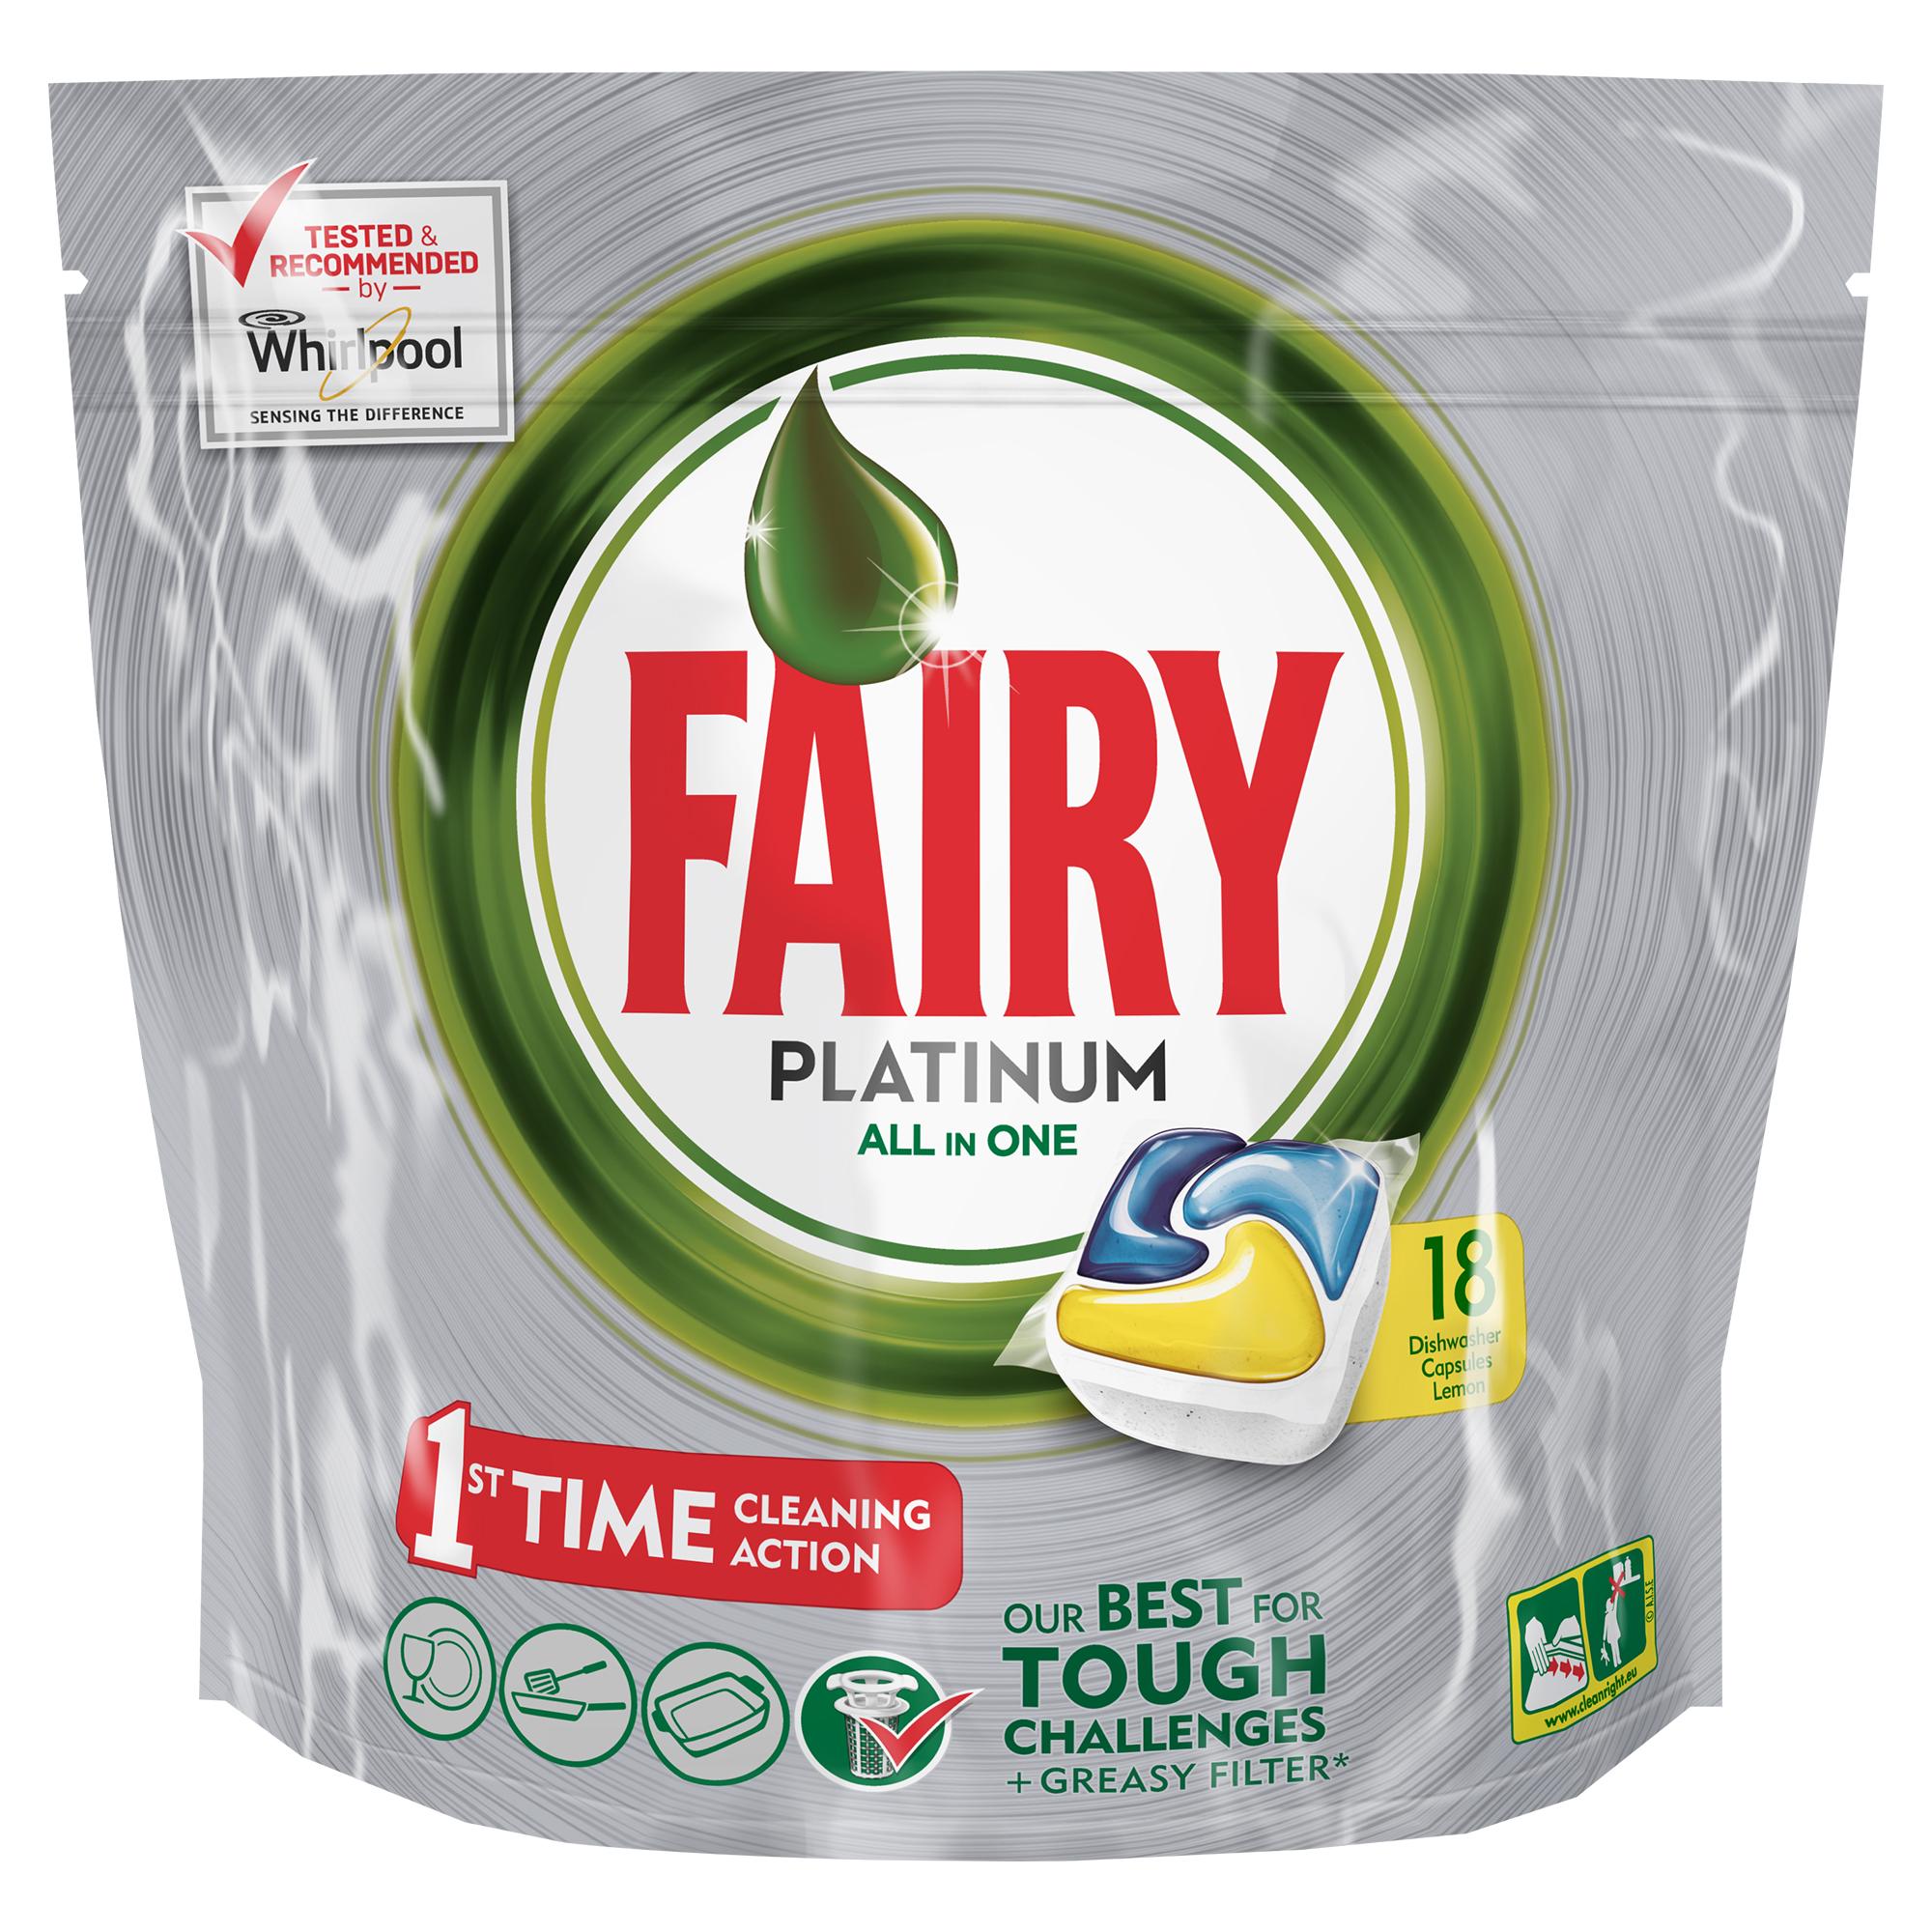 Капсулы для посудомоечной машины Fairy Platinum Лимон, 18 шт790009Капсулы для посудомоечной машины Fairy Platinum All in One идеально отмоют посуду с 1-го раза и безупречно справятся с любыми сложными загрязнениями – от засохшего и пригоревшего жира до пятен от чая. С новыми капсулами Fairy Platinum ваша посуда будет сиять благодаря специальной формуле с усилителем блеска. Теперь вы можете готовить что угодно и быть уверенным, что ваша машинка с легкостью справится с грязной посудой благодаря Fairy Platinum. Капсула растворяется гораздо быстрее, чем другие таблетки для посудомоечной машины, и поэтому начинает действовать немедленно. Кроме того, капсулы Fairy очень просты в использовании – просто поместите их в посудомоечную машину (не нужно распаковывать). Сила Fairy Platinum теперь и для посудомоечных машин! Лучшая формула Fairy для идеально чистой посуды с 1-го раза. Легко справится даже с засохшей и пригоревшей грязью. Капсулы для посудомоечной машины Fairy Platinum All in One dishwasher tablets Такой сильный, что очистит даже фильтр от посудомоечной машины. С добавлением соли и ополаскивателя, а так же с защитой стекла и серебра. Сохраняет приятный запах в посудомоечной машине Помогает предотвратить накопление жира на фильтре, системе спуска воды и разбрызгивателе Произведено и протестировано для использования во всех посудомоечных машинах. Готовы к использованию. Не нужно разворачивать. 1 капсула = 1 загрузка. Поместите капсулу в отсек для моющего средства и сразу закройте. Брать капсулу только сухими руками. Не разворачивайте и не прокалывайте капсулу. Закрывайте пакет после каждого использования.